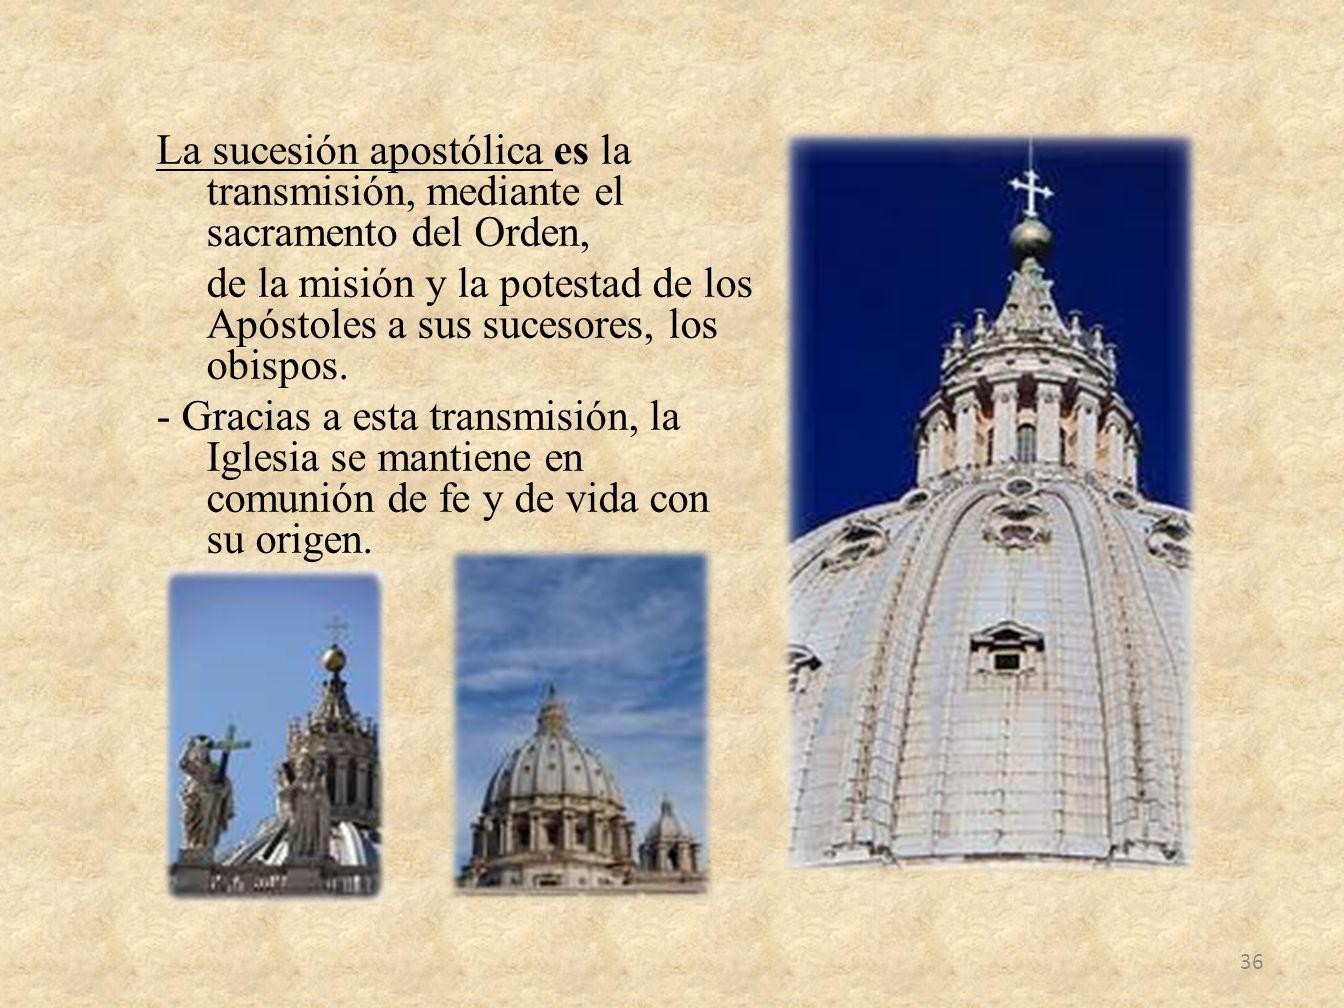 La sucesión apostólica es la transmisión, mediante el sacramento del Orden,